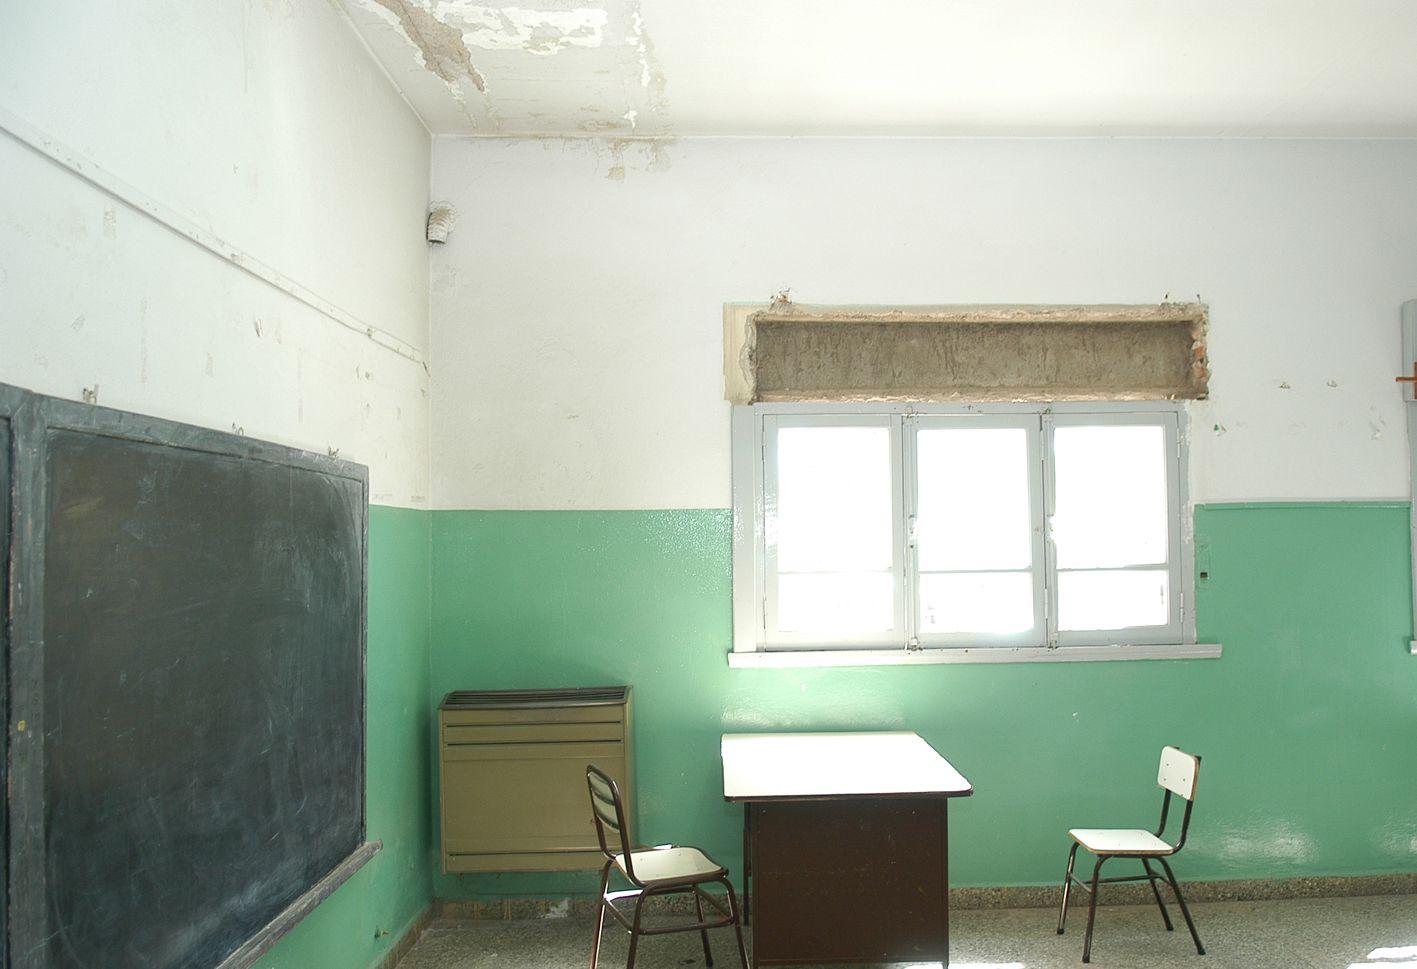 Peligro de derrumbe en un aula de la Escuela 221